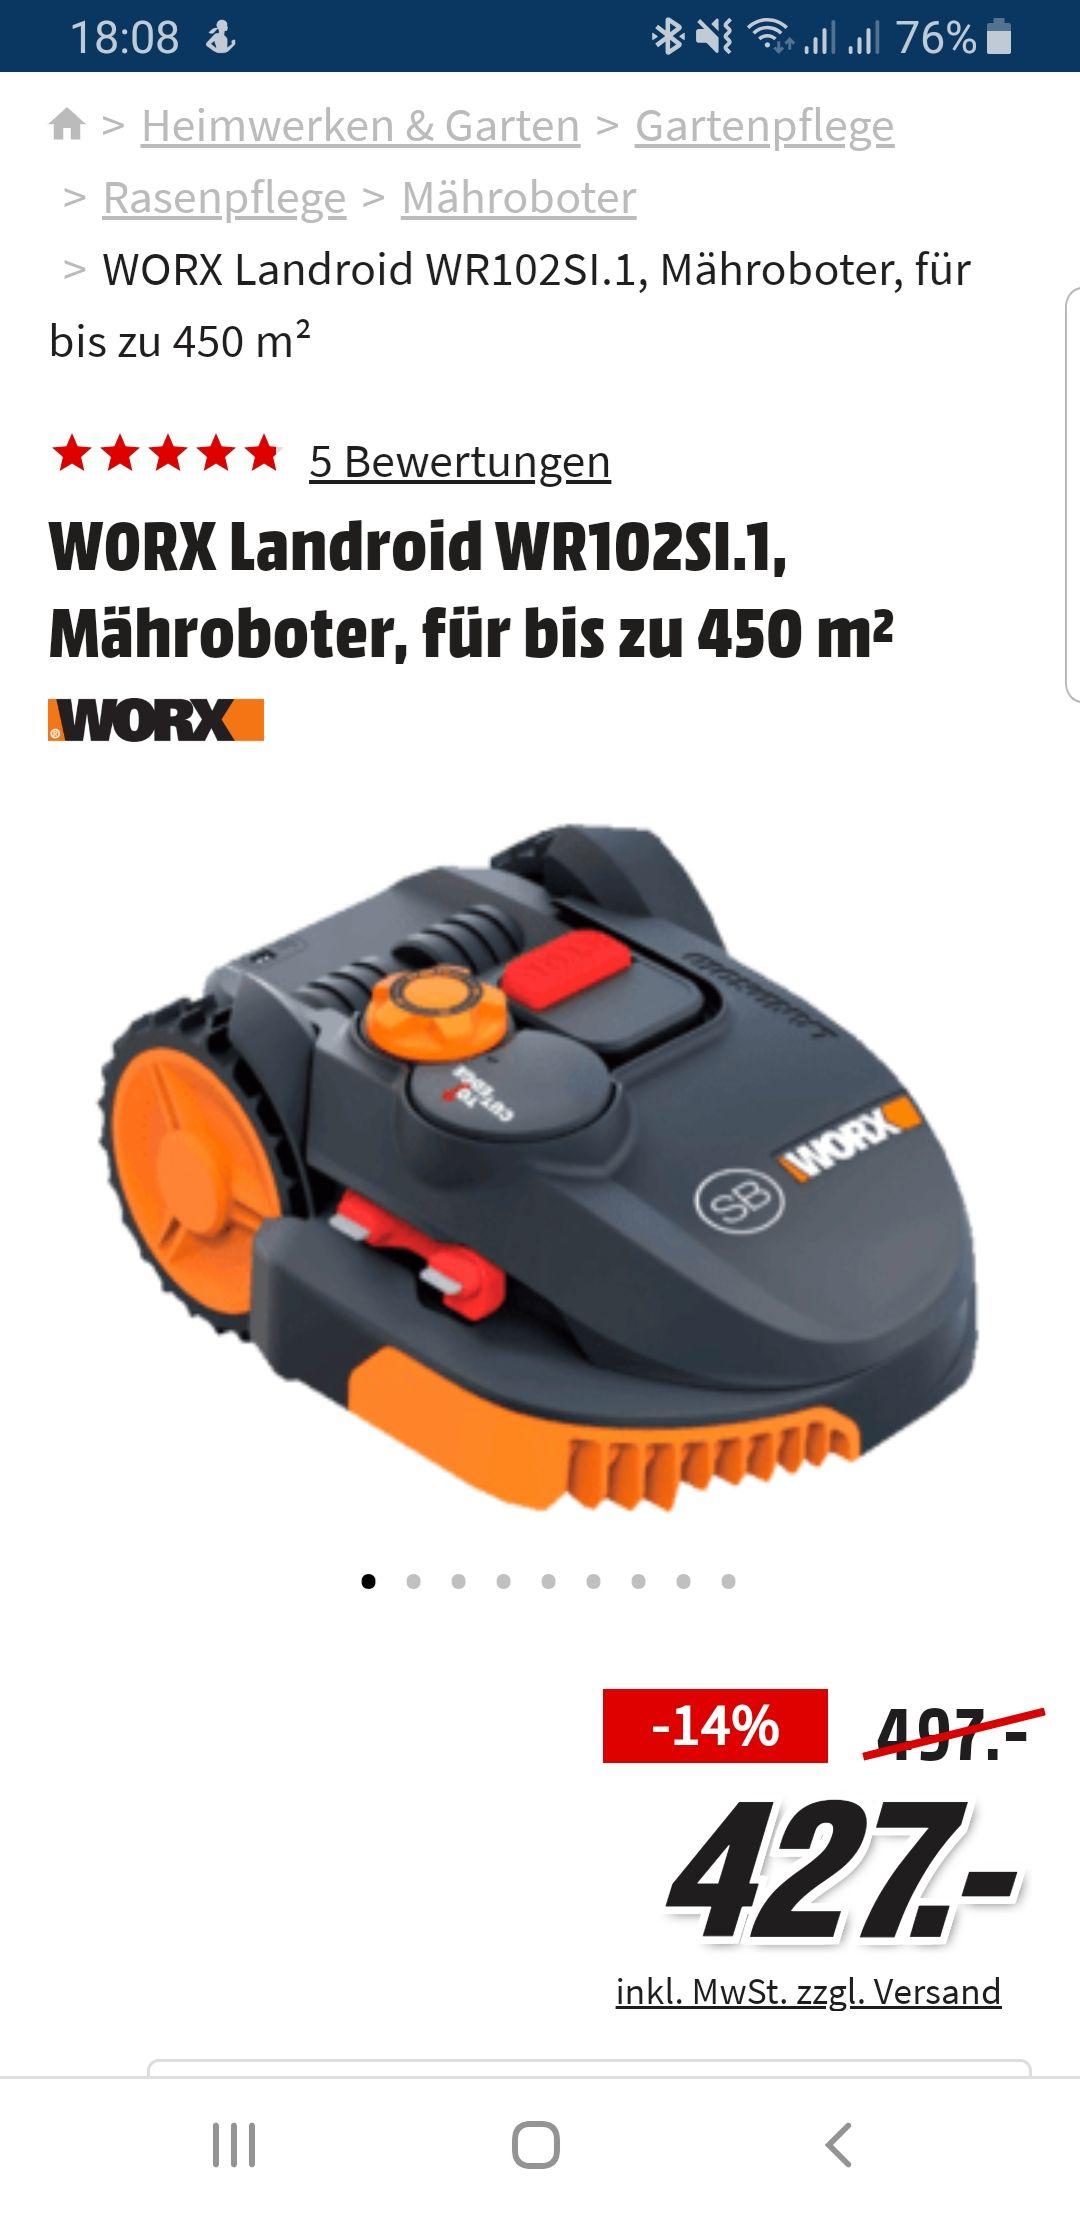 WORX Landroid WR102SI.1, Mähroboter, für bis zu 450 m²